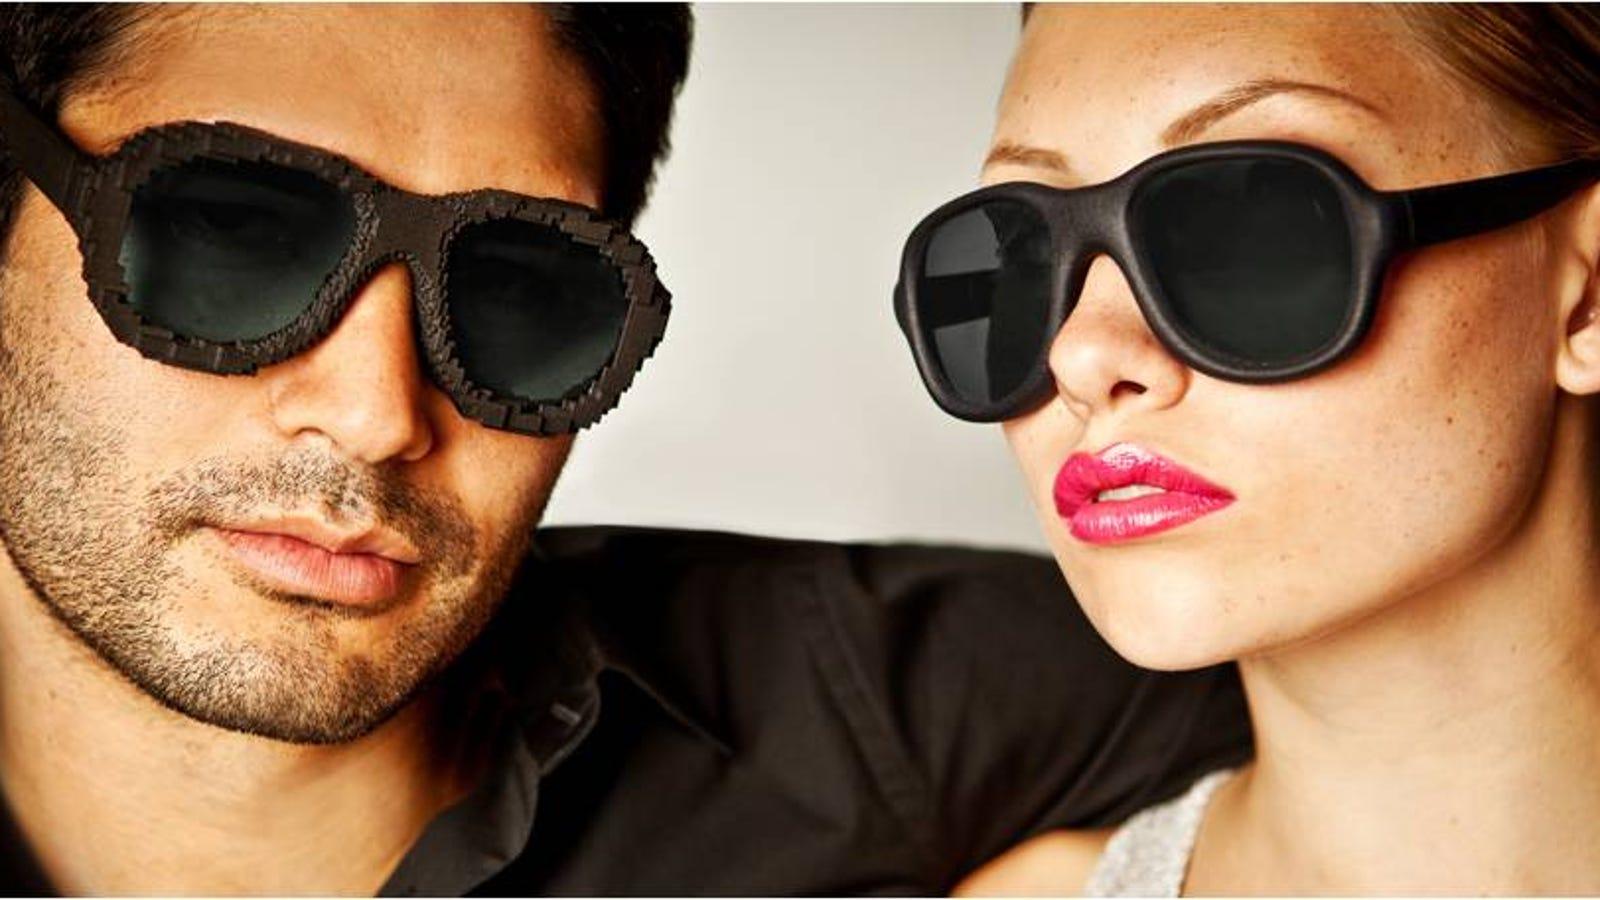 Lo próximo en moda: gafas de sol a medida creadas con impresoras 3D